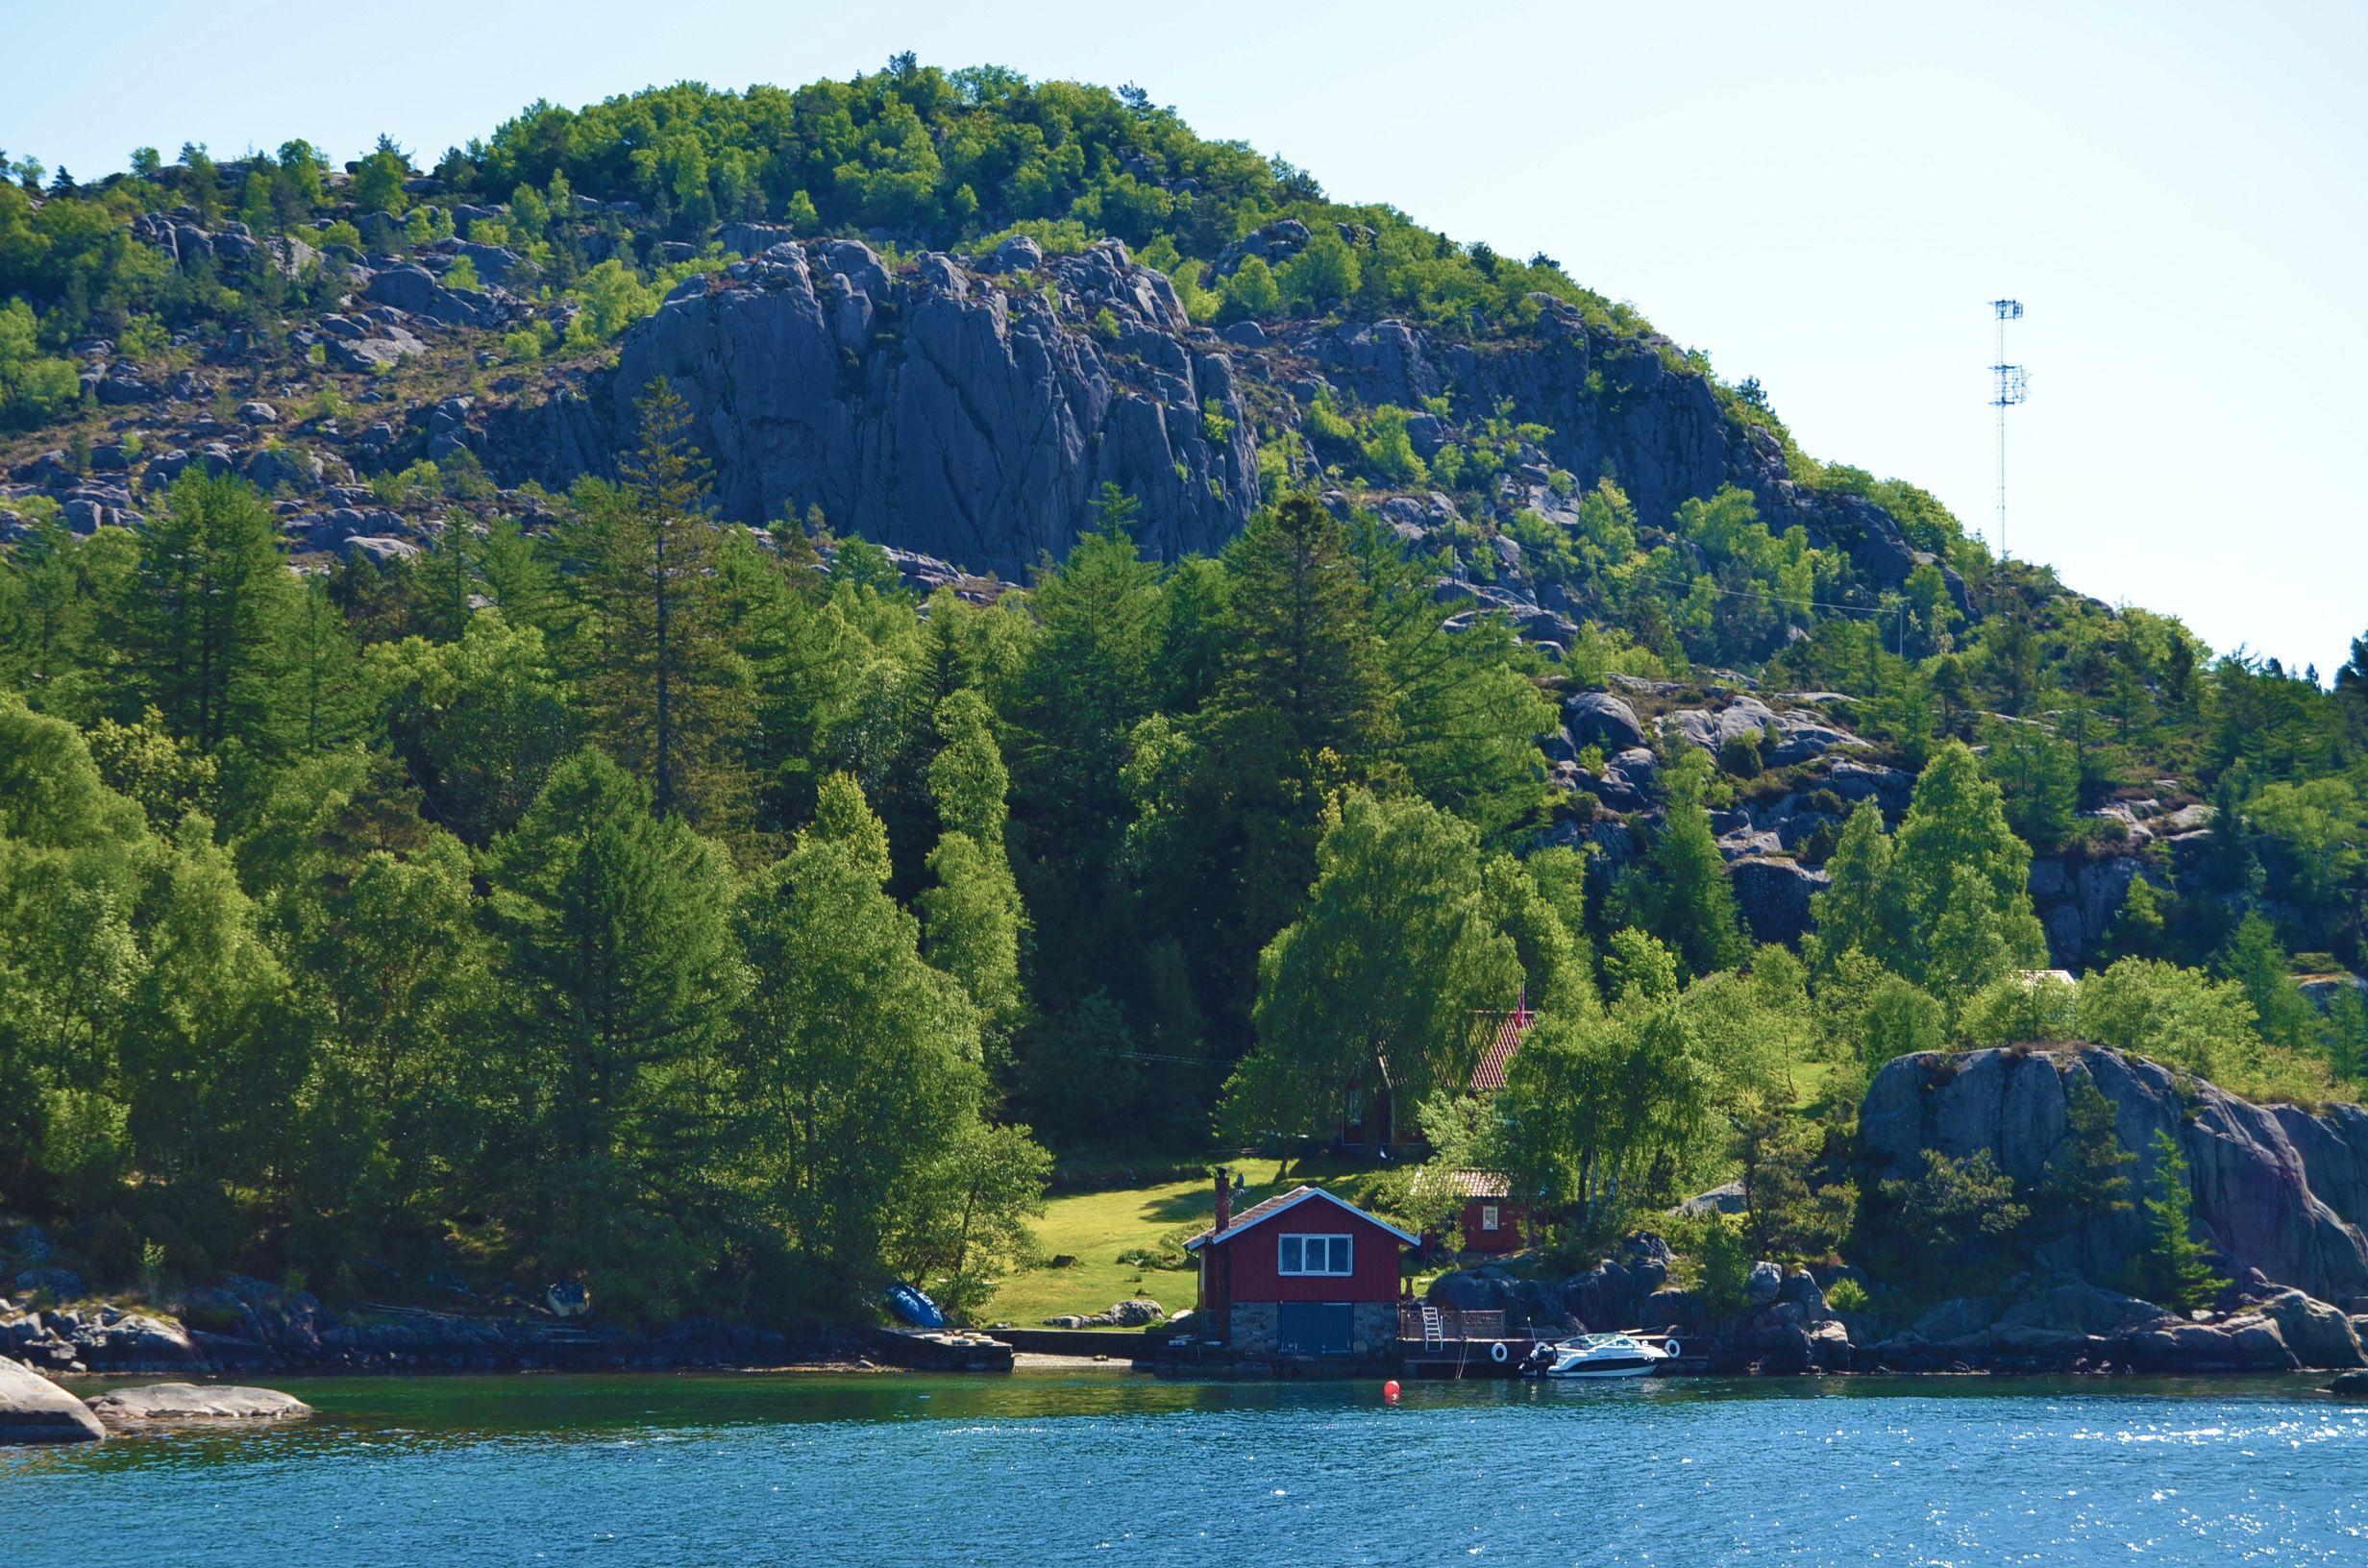 Preikestolen, Púlpito Stavanger